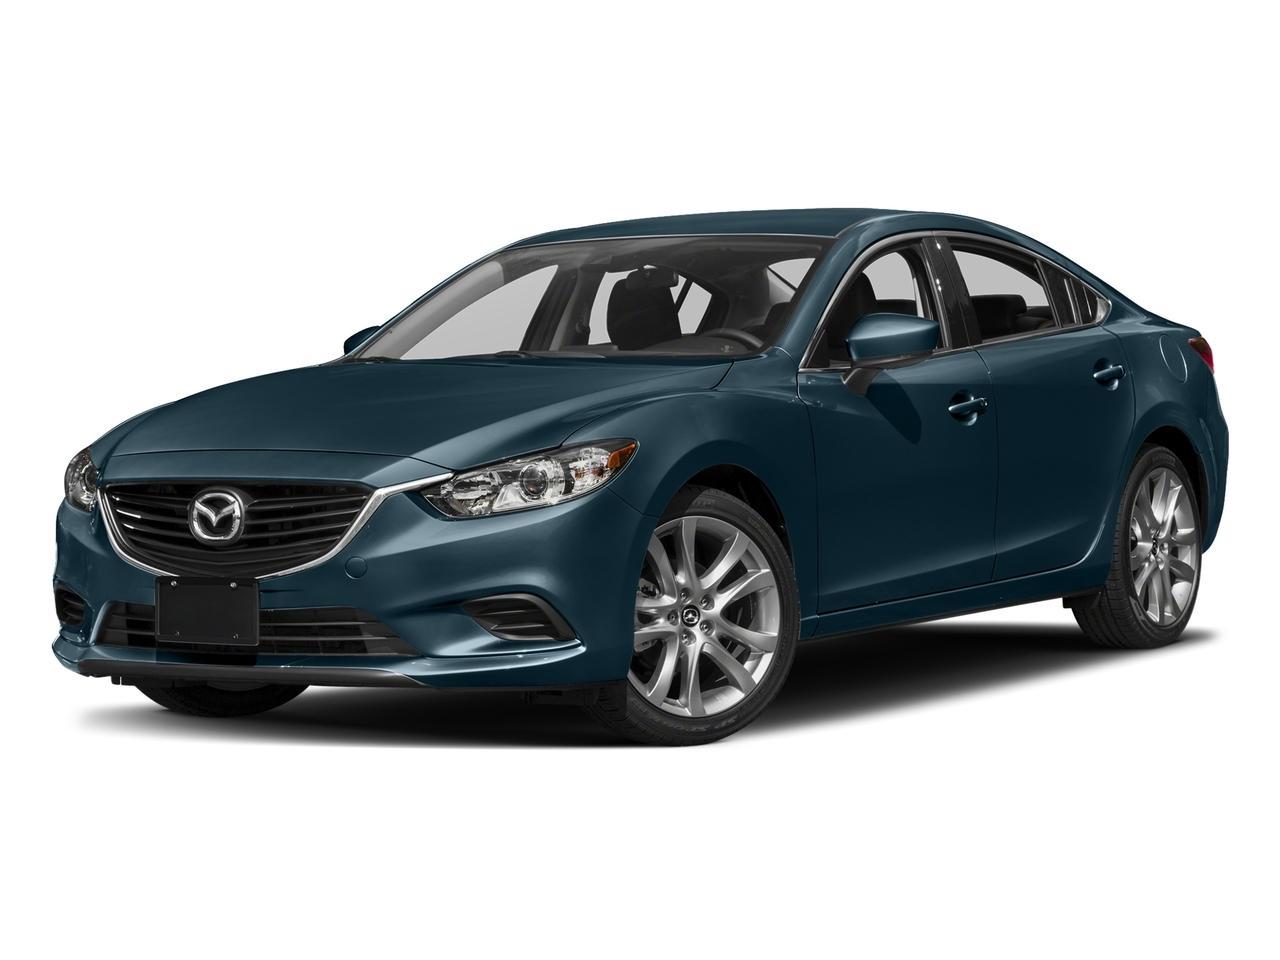 2017 Mazda Mazda6 Vehicle Photo in Joliet, IL 60435